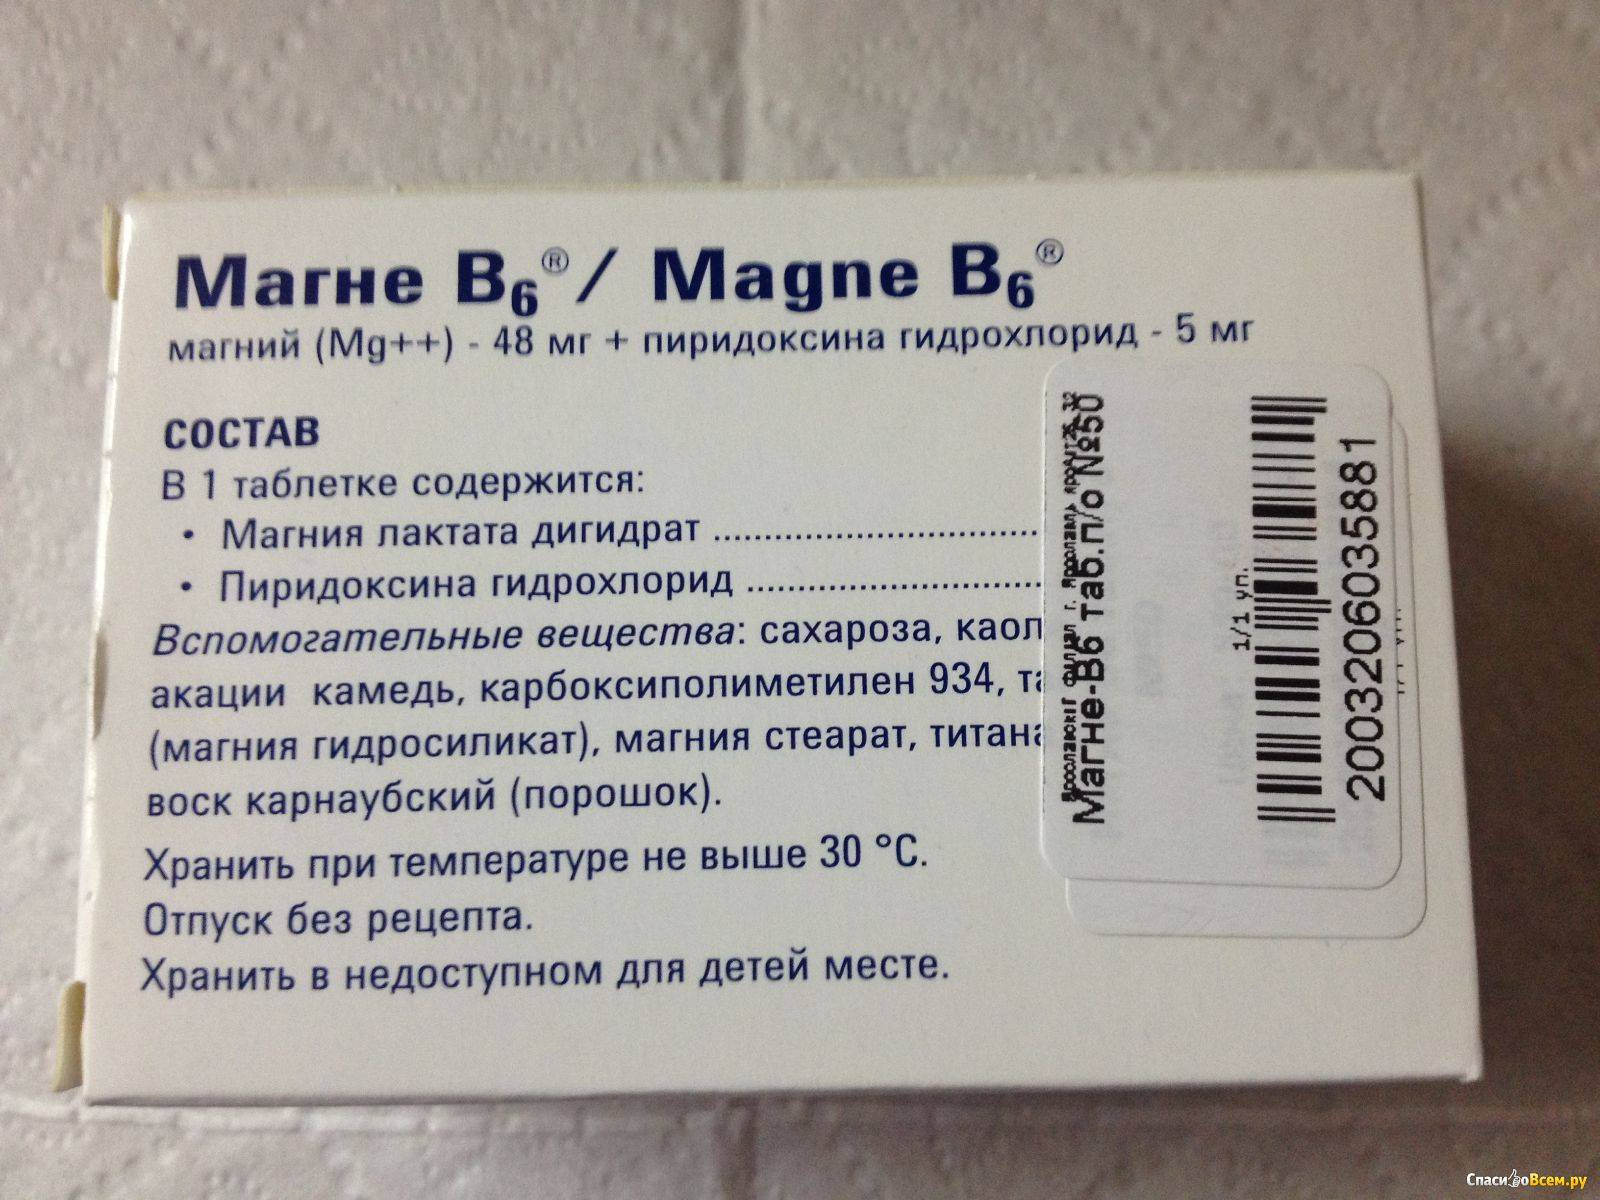 Магнерот или магнелис b6?